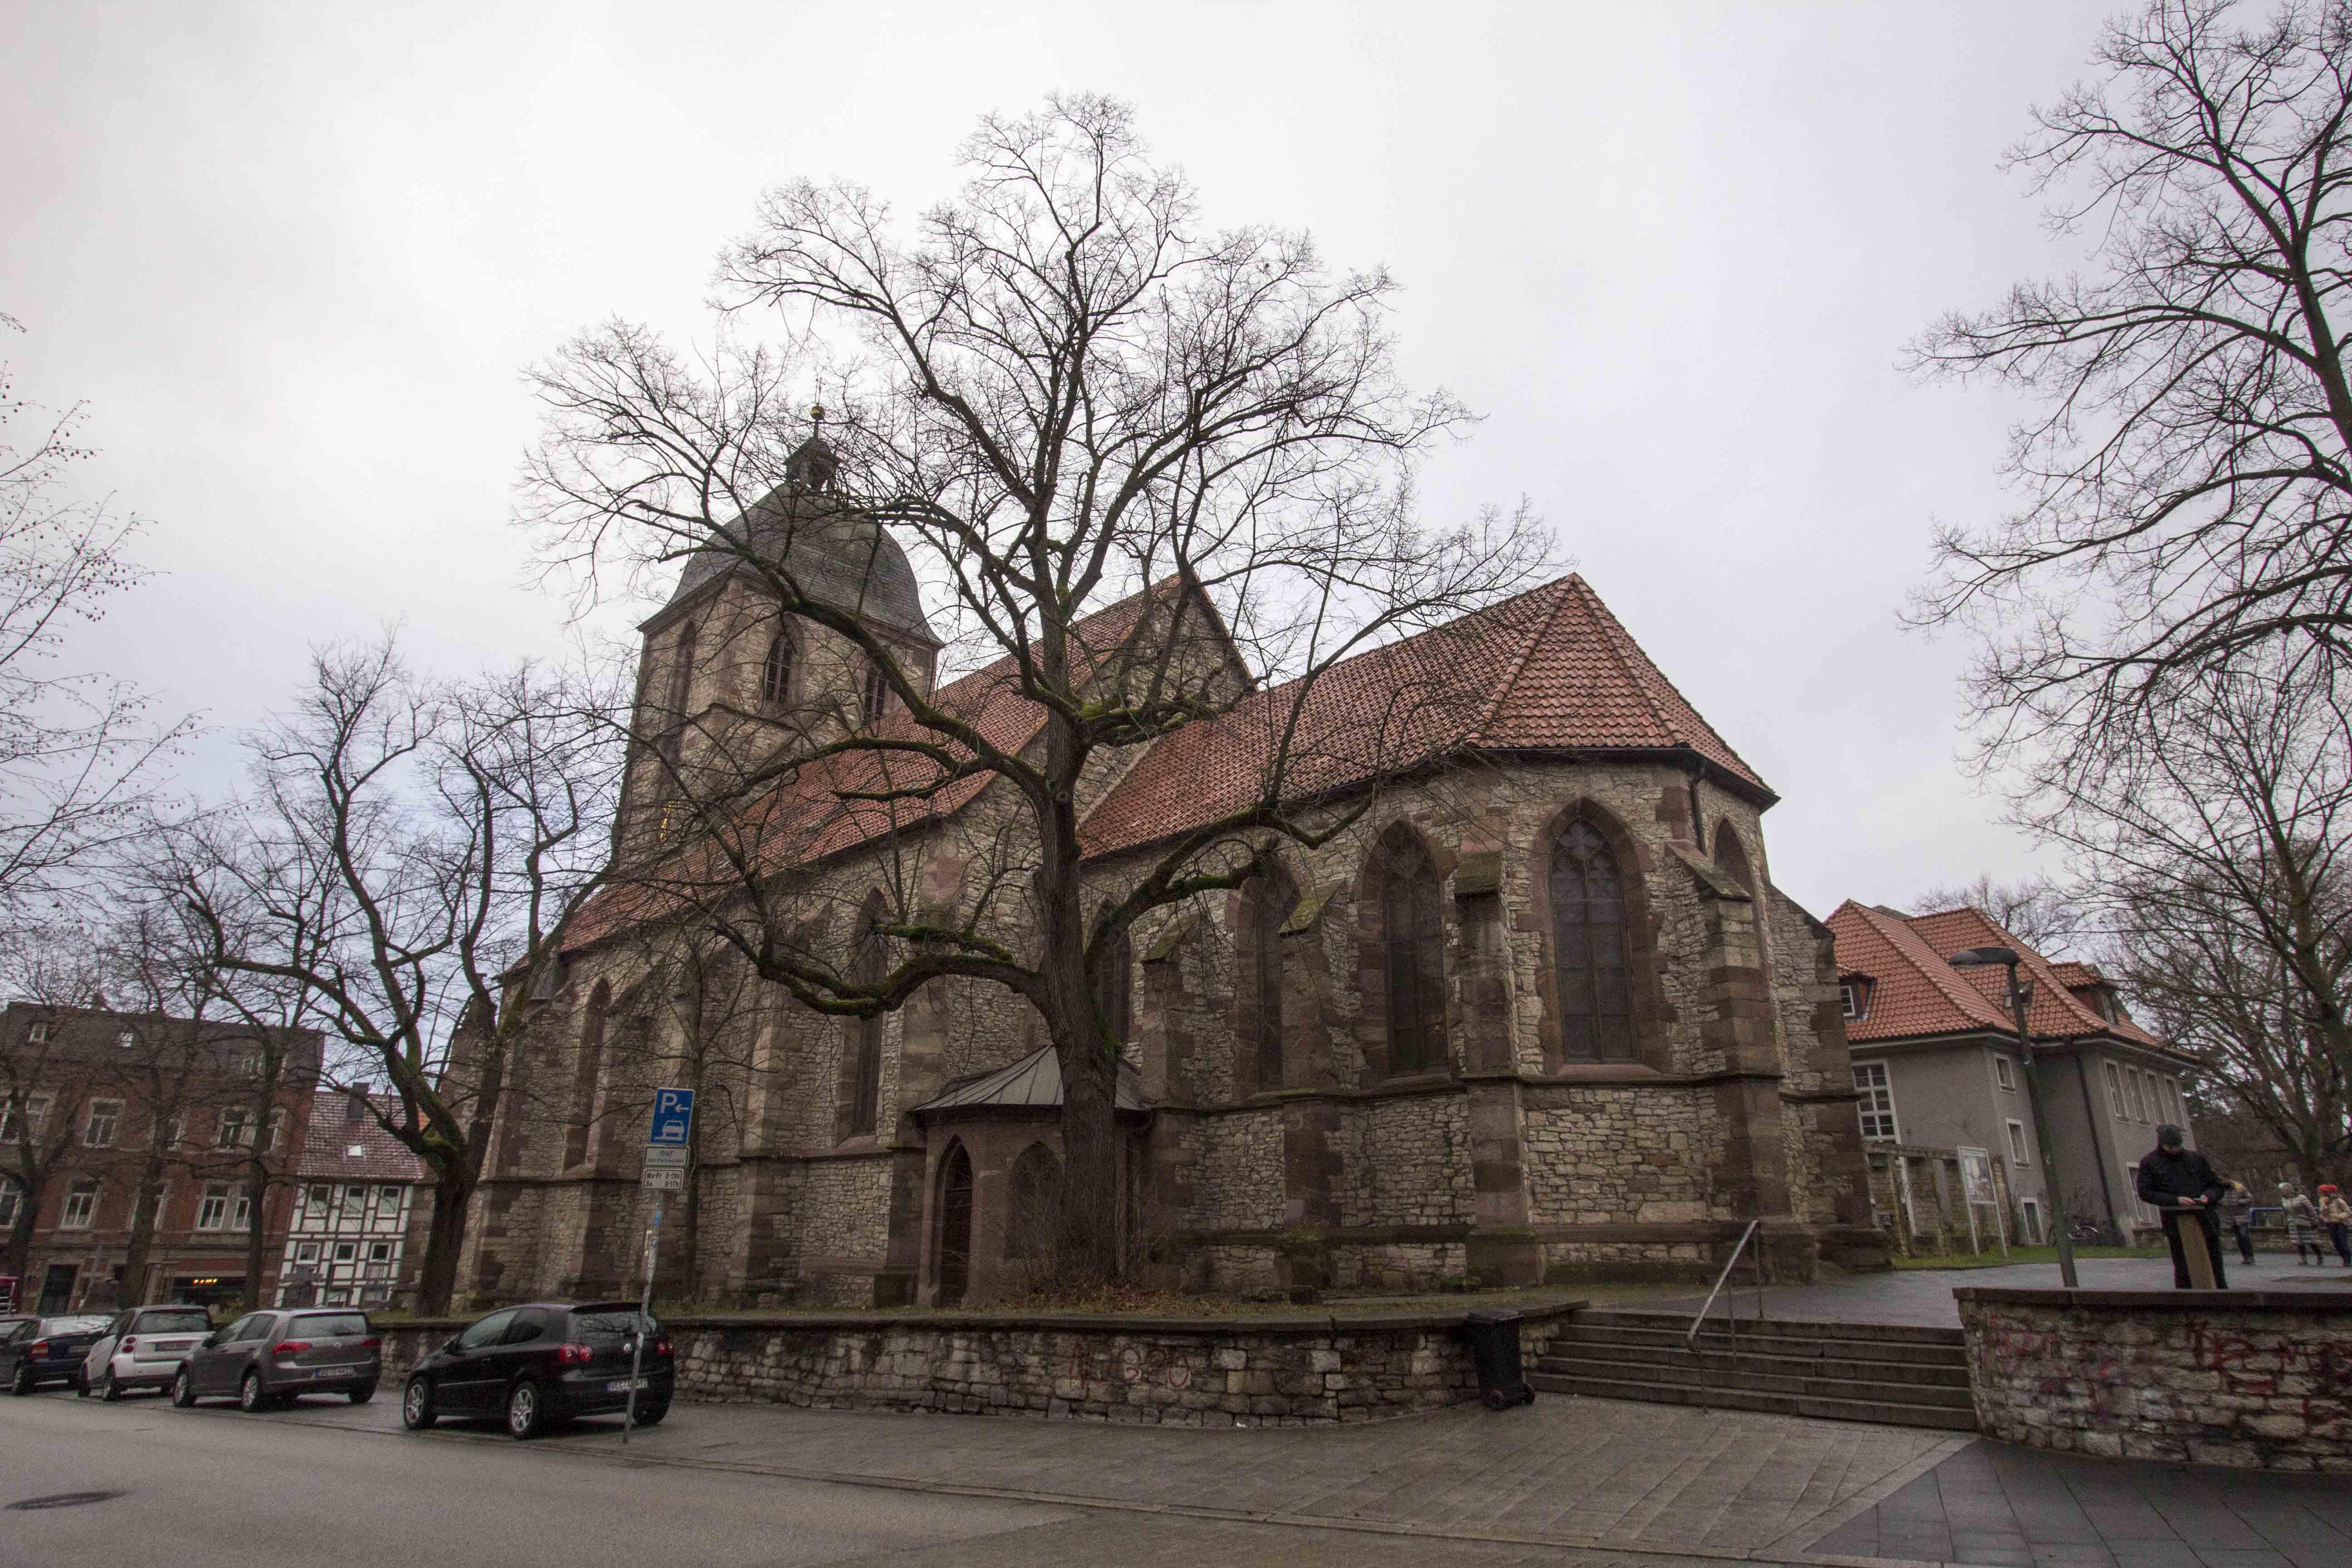 St. Albanikirche